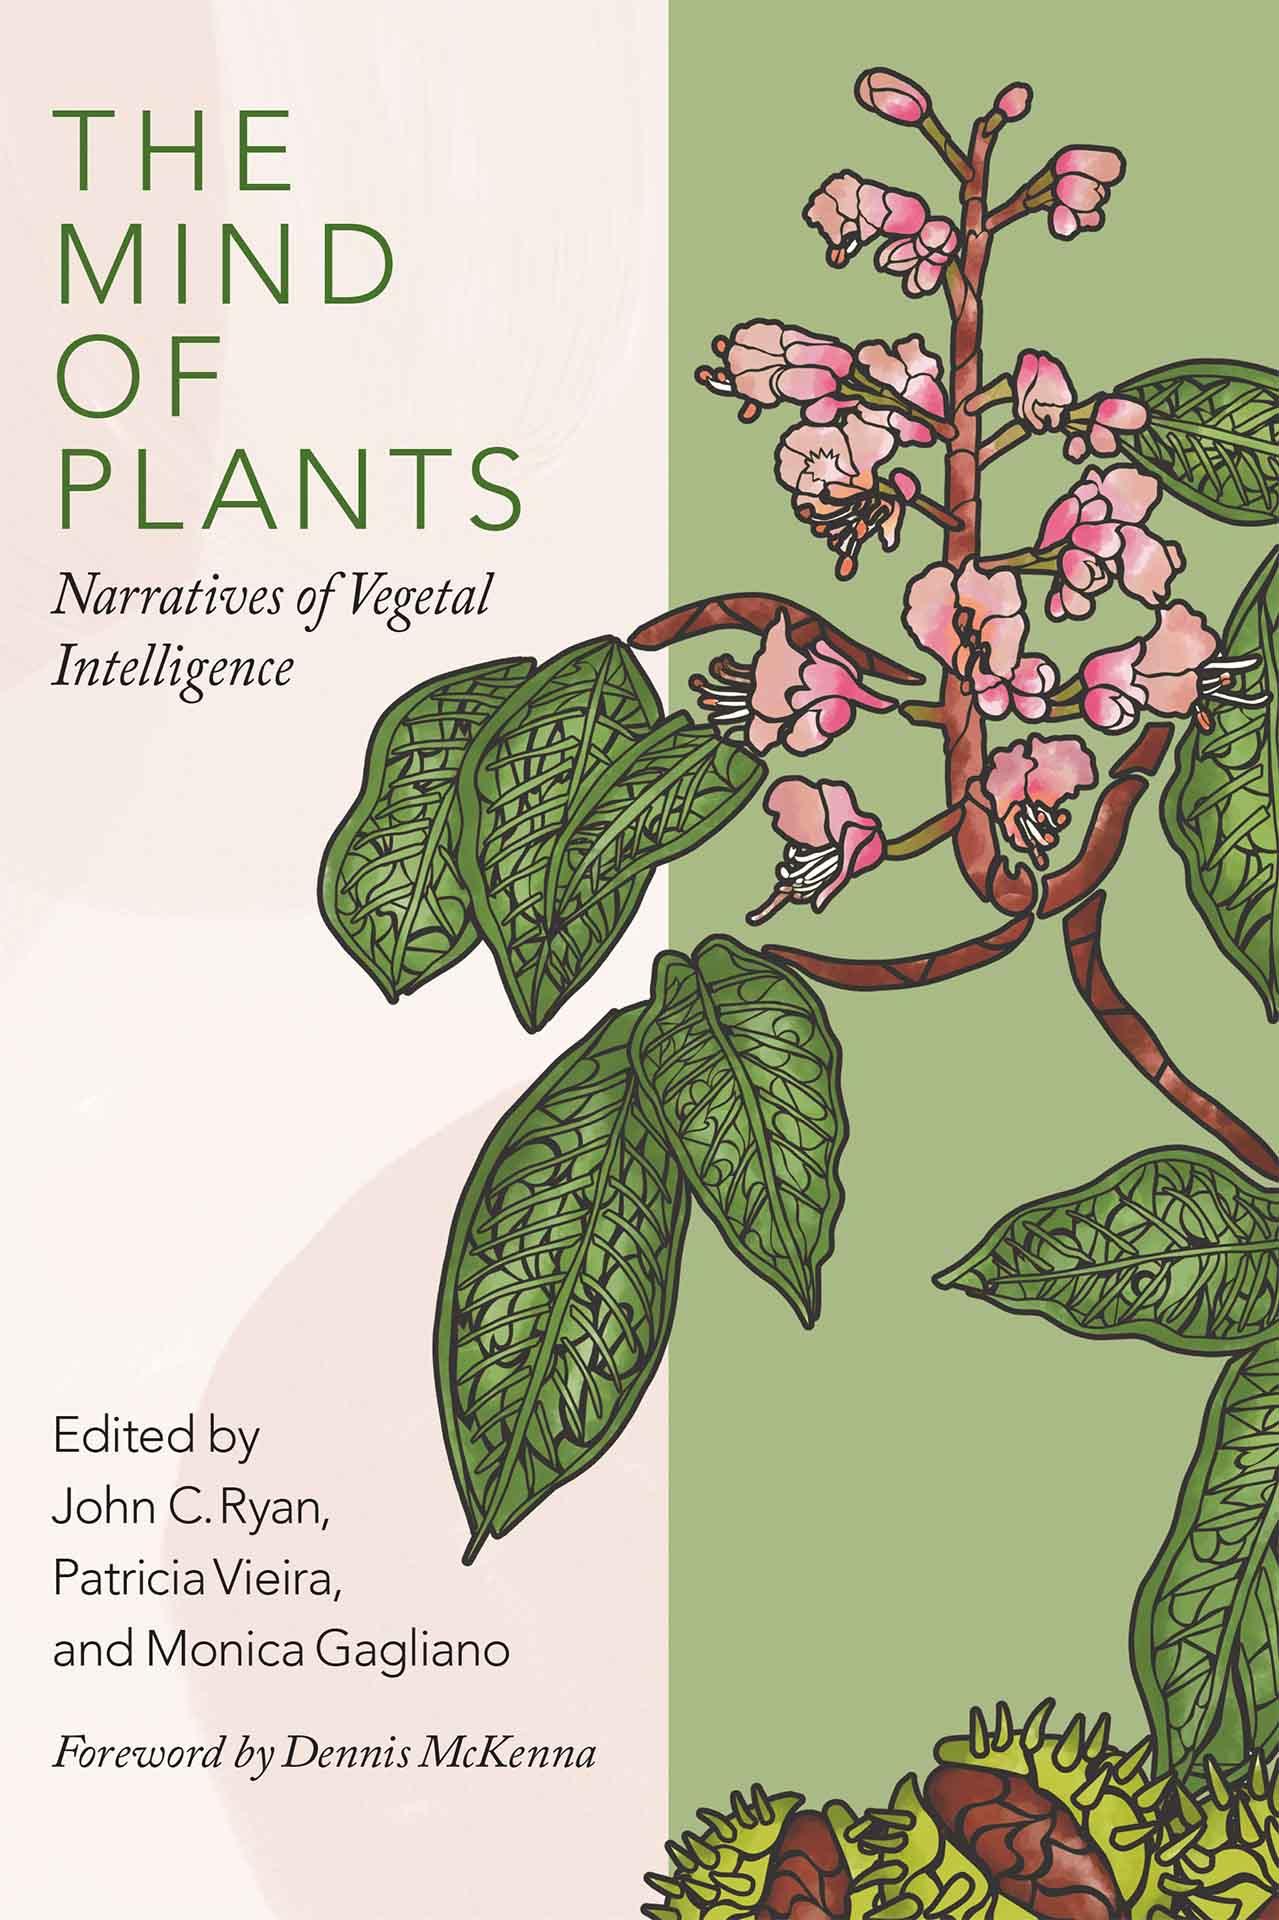 The Mind of Plants: Narratives of Vegetal Intelligence